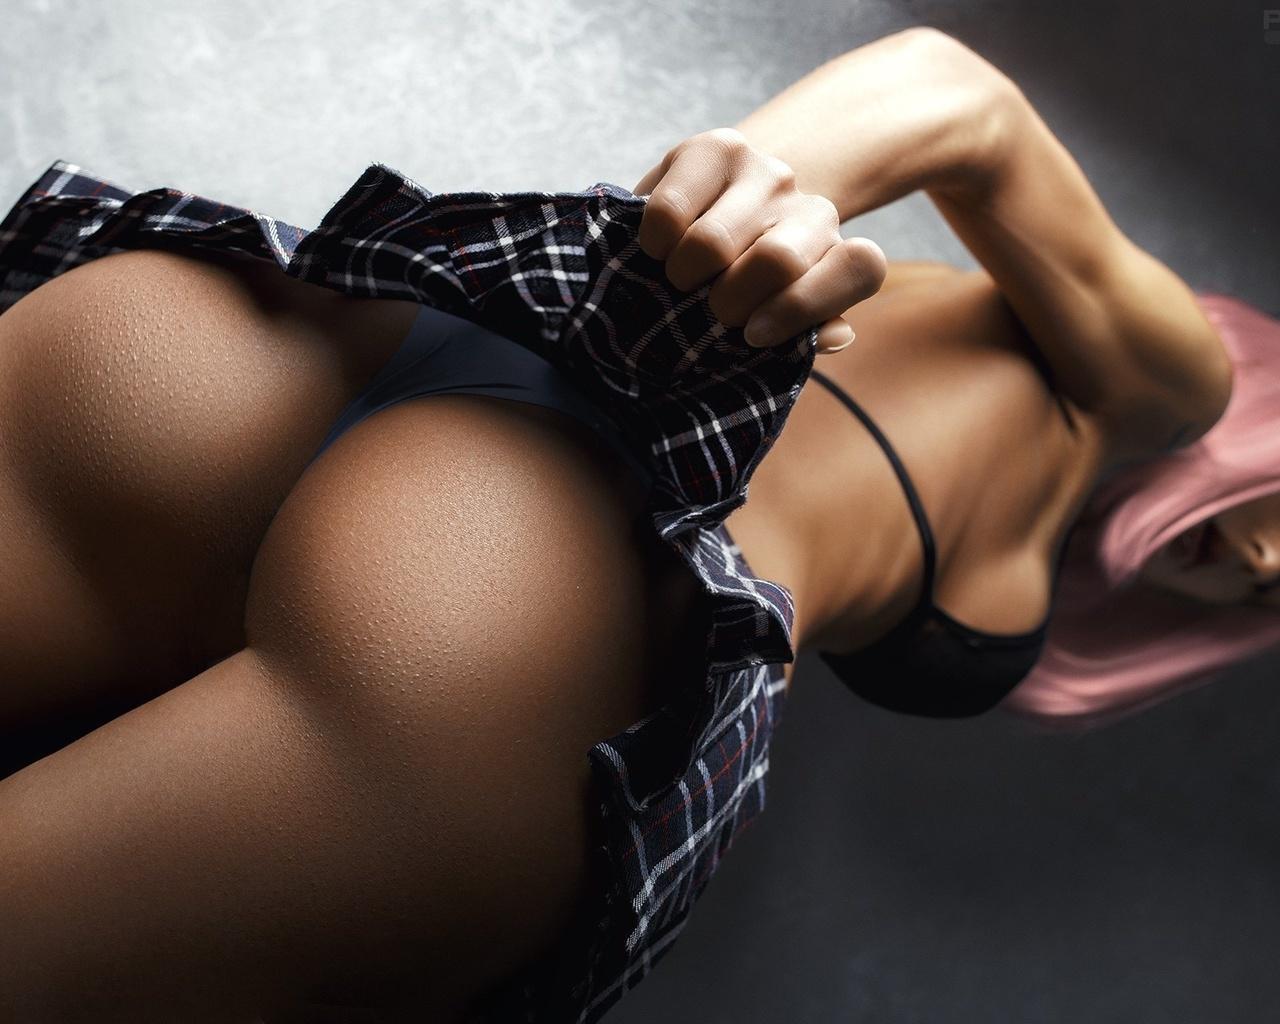 Сексуальные попки сиськи, Большие жопы, упругие задницы, попки, качественное 25 фотография